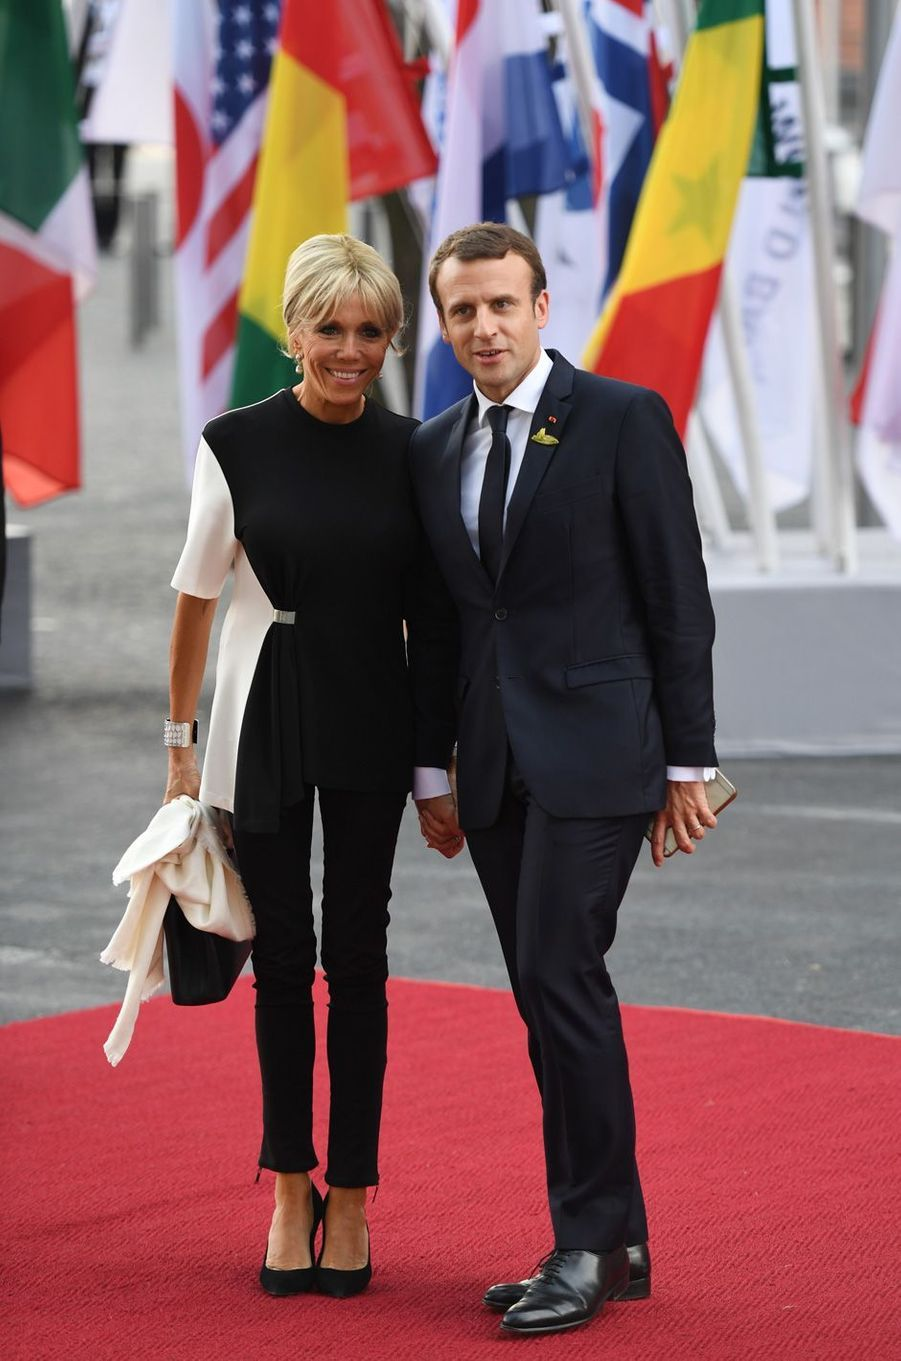 Emmanuel et Brigitte Macron arriventau concert donné à la toute nouvelle Philharmonie de l'Elbe.